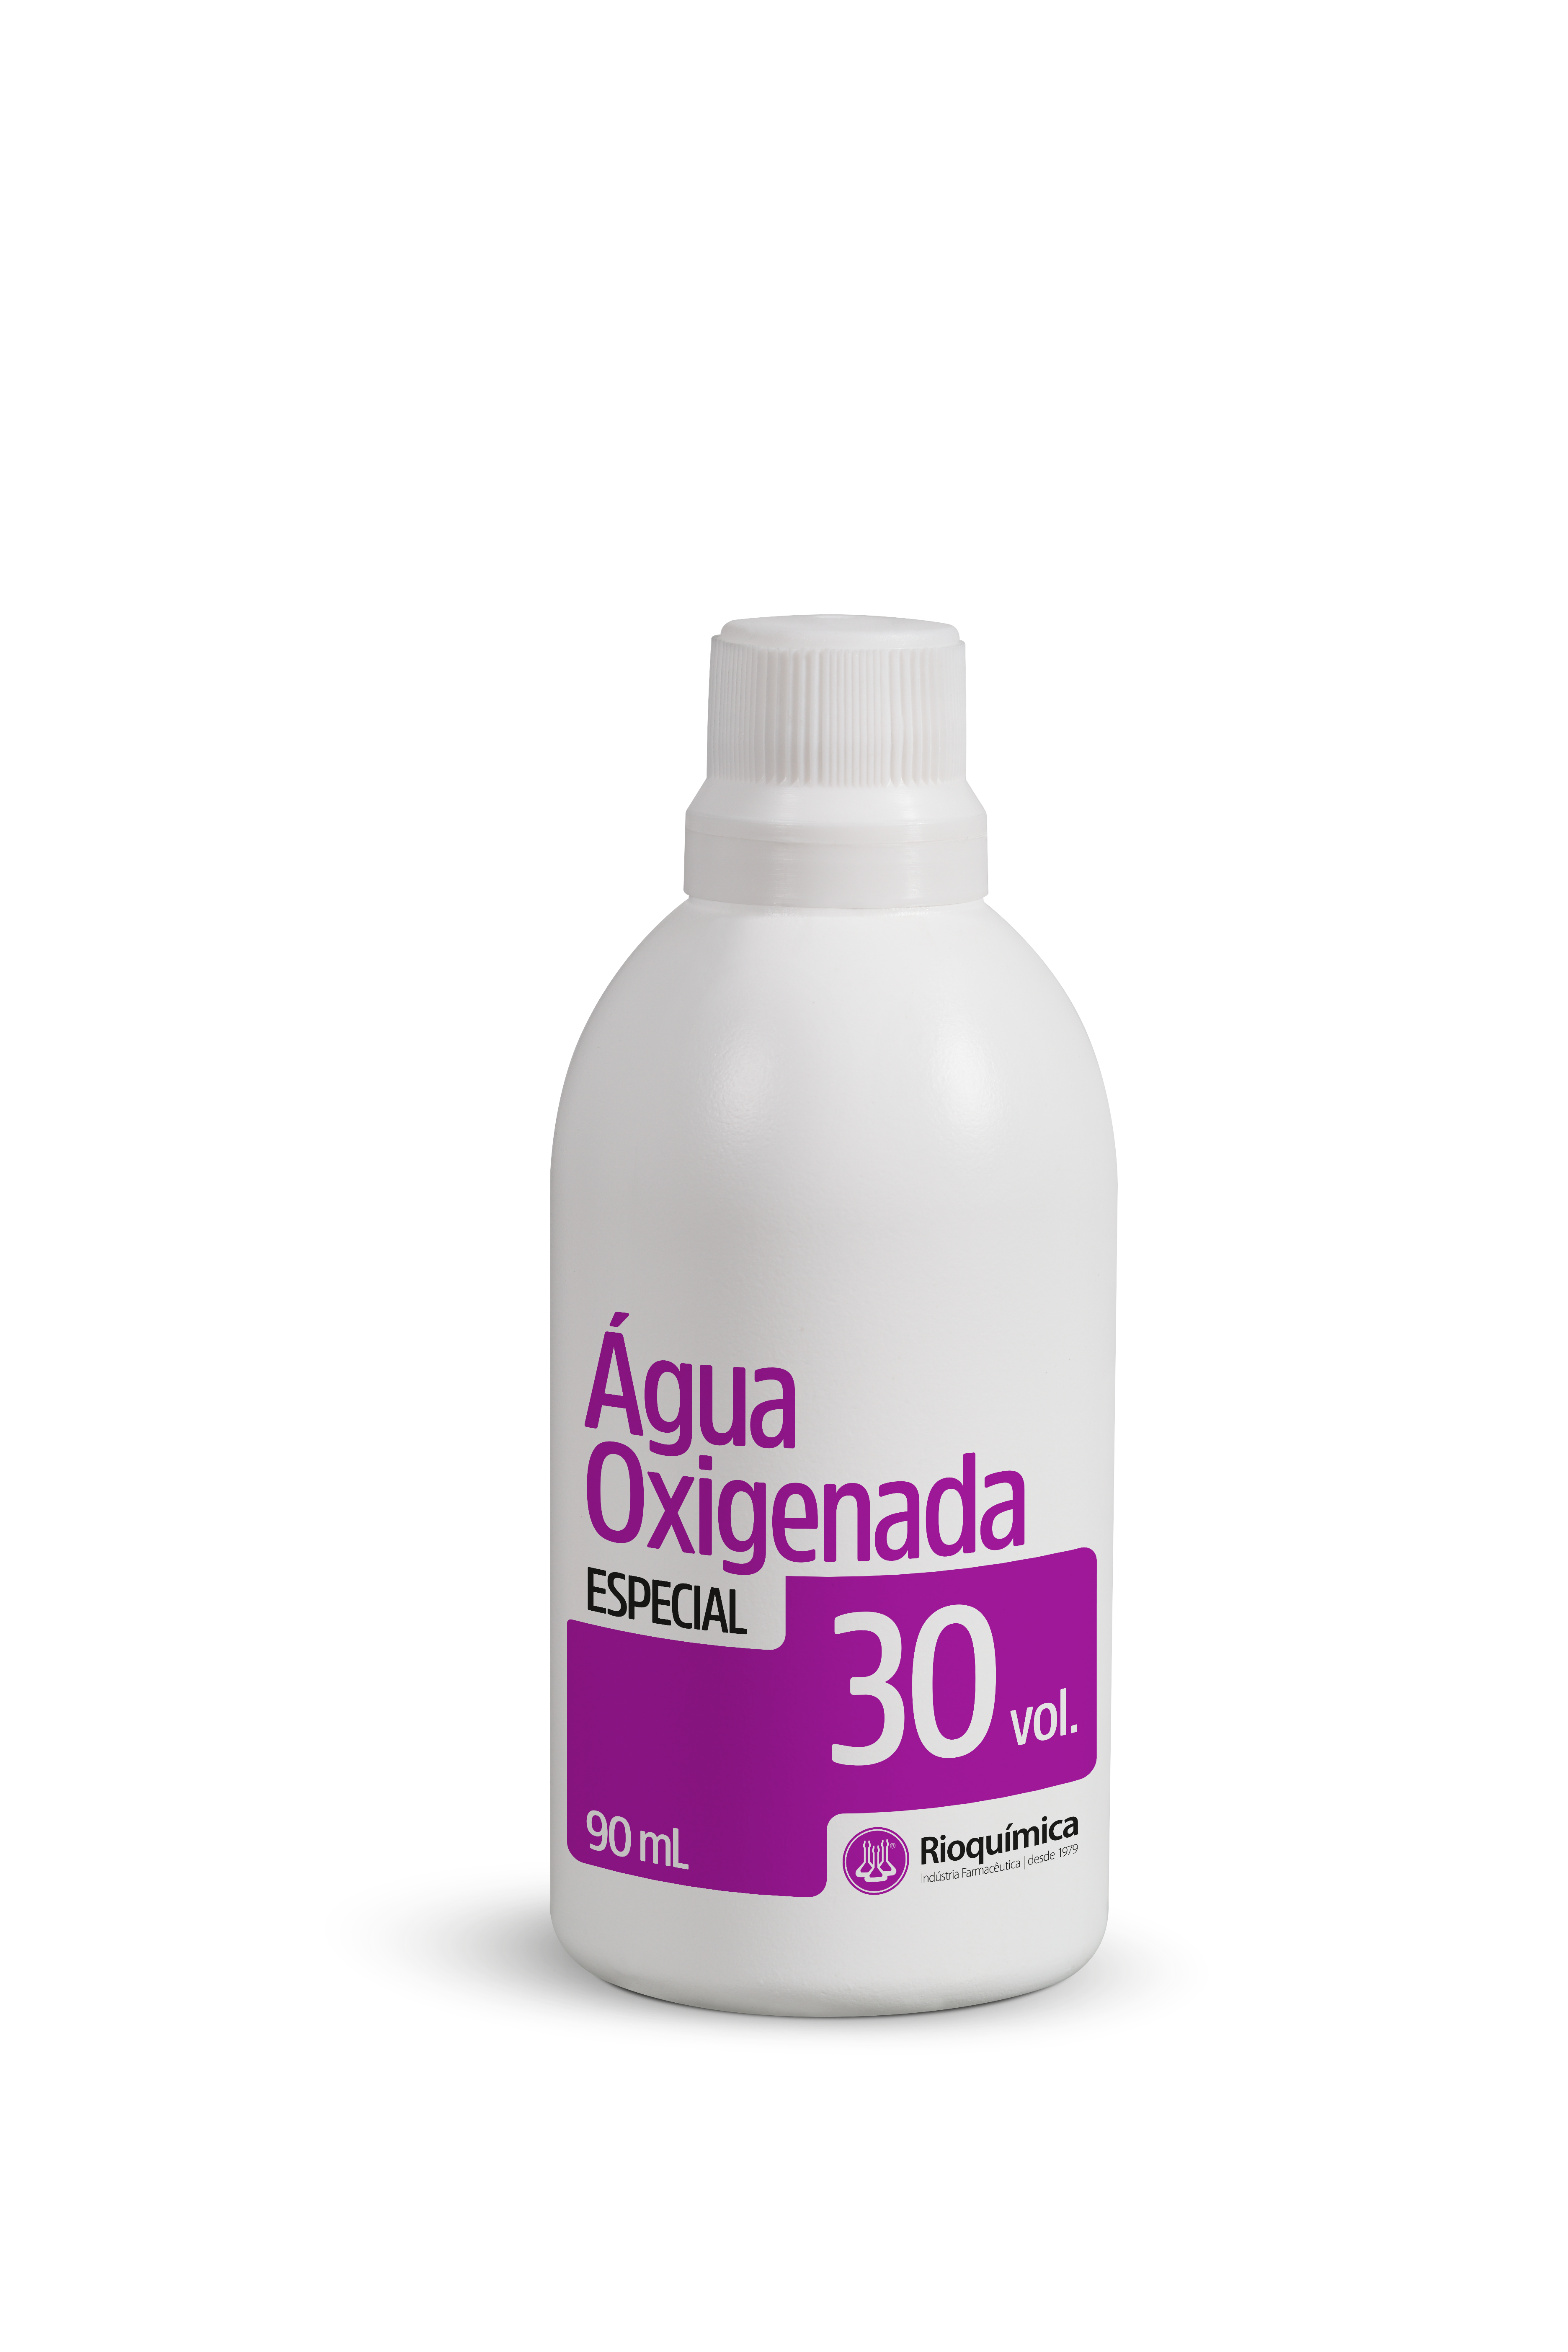 Rio QuímicaÁgua Oxigenada Especial 30 vol. 90ml